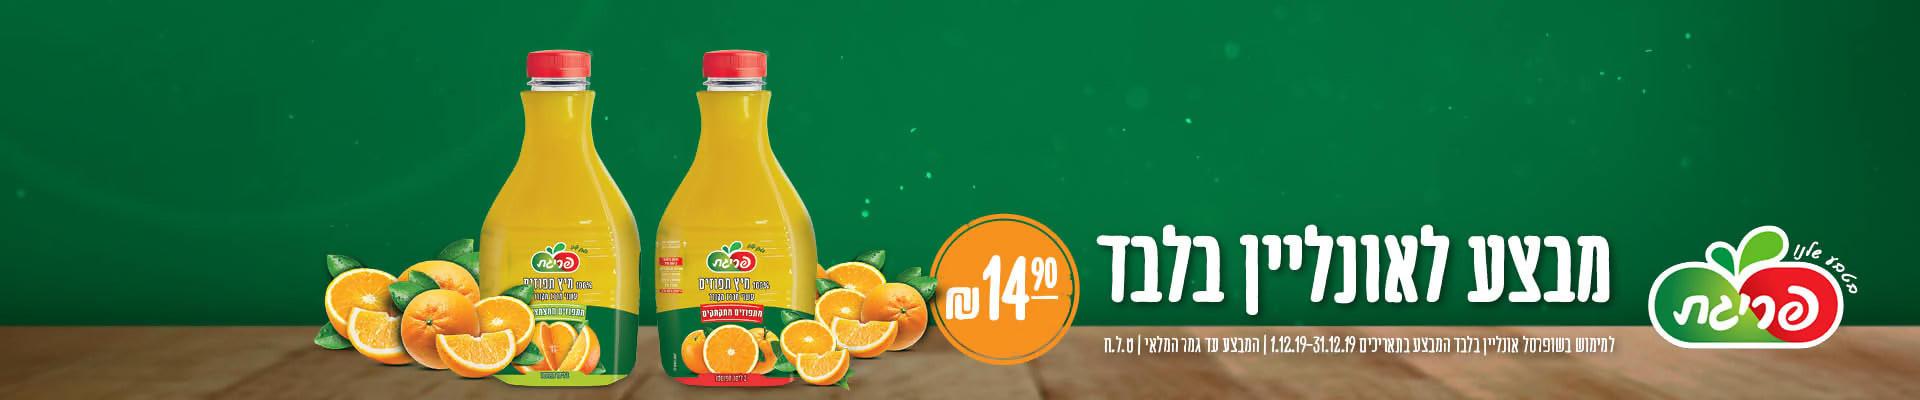 מבצע לאונליין בלבד- תפוזים 2 ליטר פריגת סחוט ב- 14.90 ₪. למימוש בשופרסל אונליין בלבד. המבצע בתאריכים 1.12.19-31.12.19 . המבצע עד גמר המלאי.